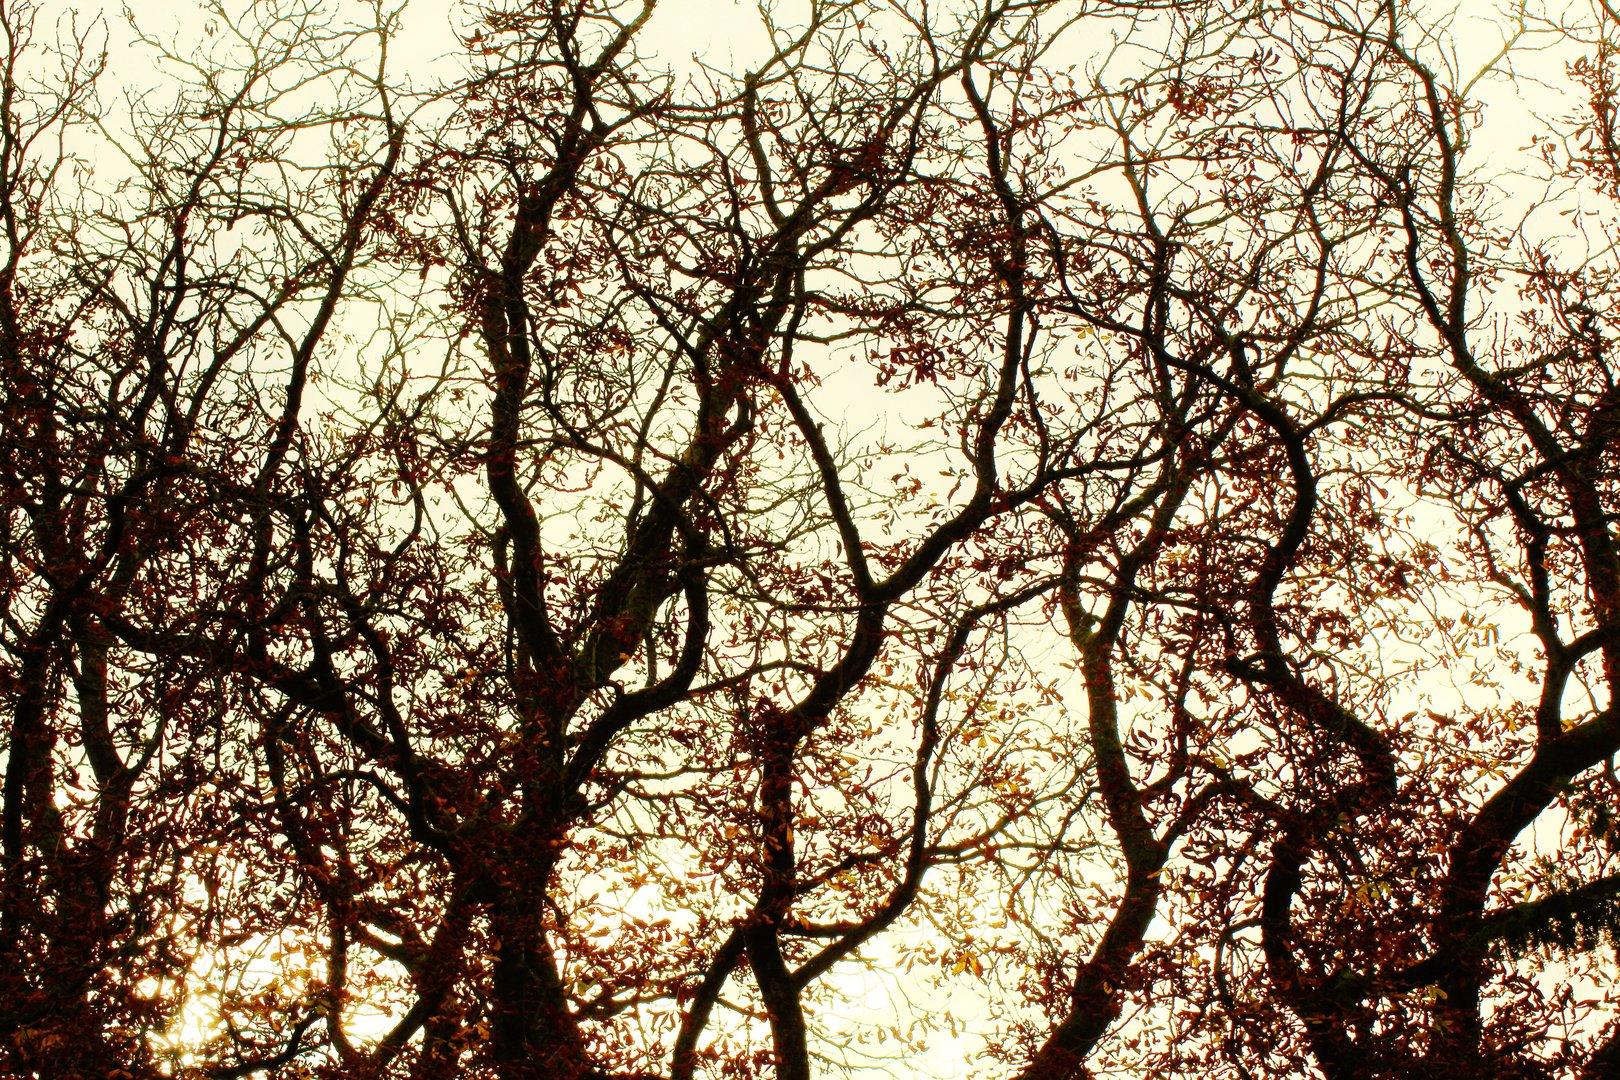 Das sind die Zweige...